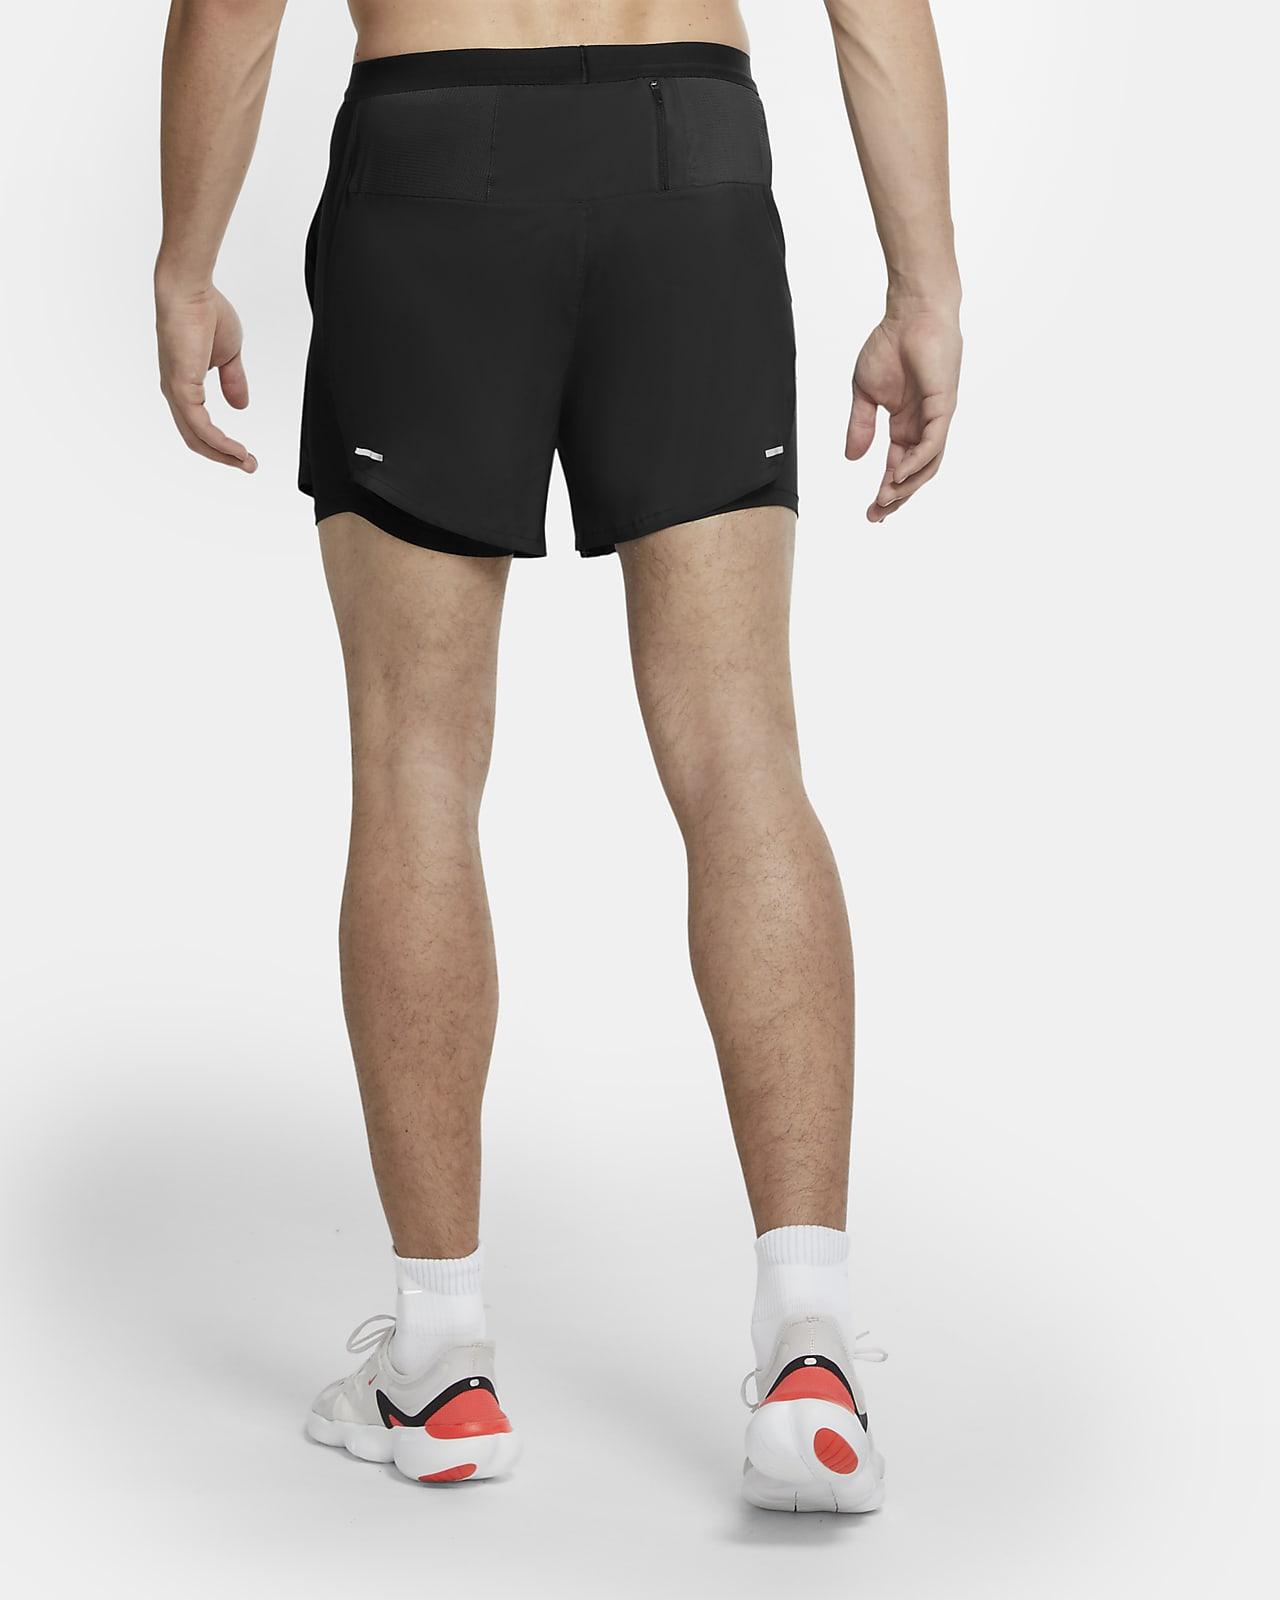 Short de running 2 en 1 Nike Flex Stride Future Fast pour Homme